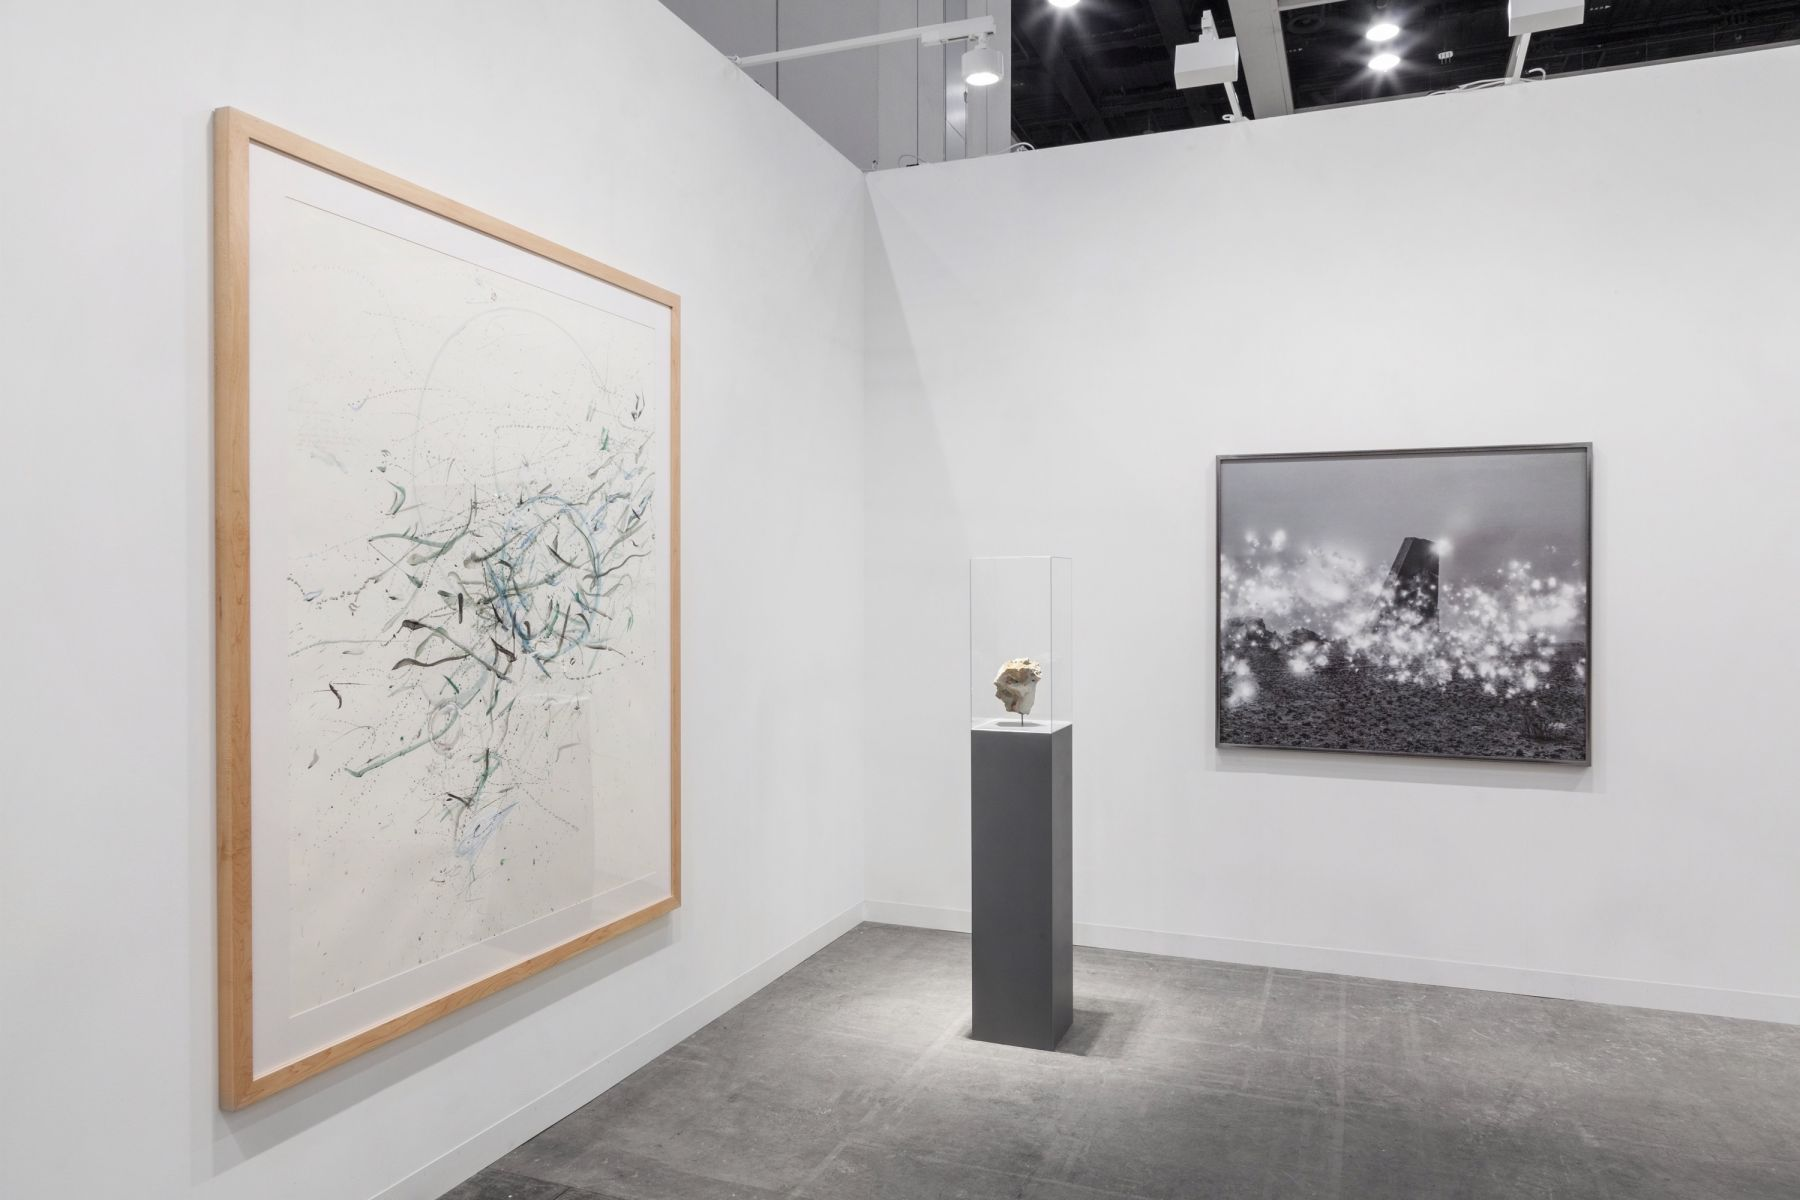 Sean Kelly at Art Basel Hong Kong 2017